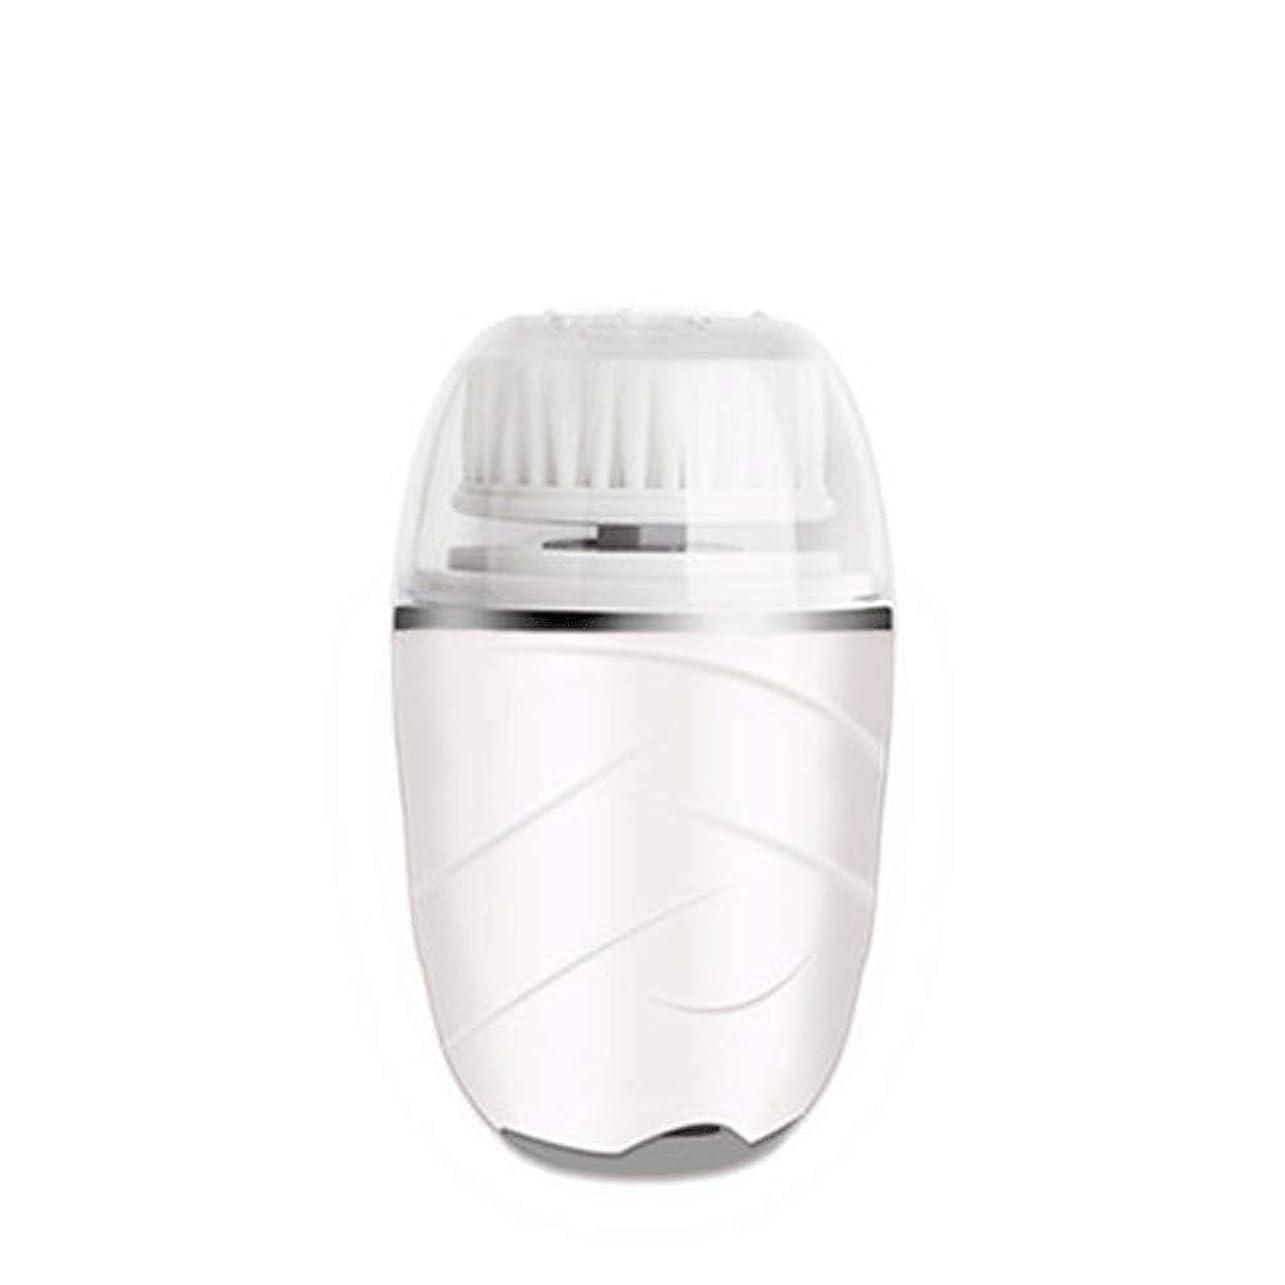 侵略落ちたリスHEHUIHUI- クレンジングブラシ、防水ディープクレンジングポア、電気剥離、にきび、アンチエイジングクレンジングブラシ(ピンク) (Color : White)